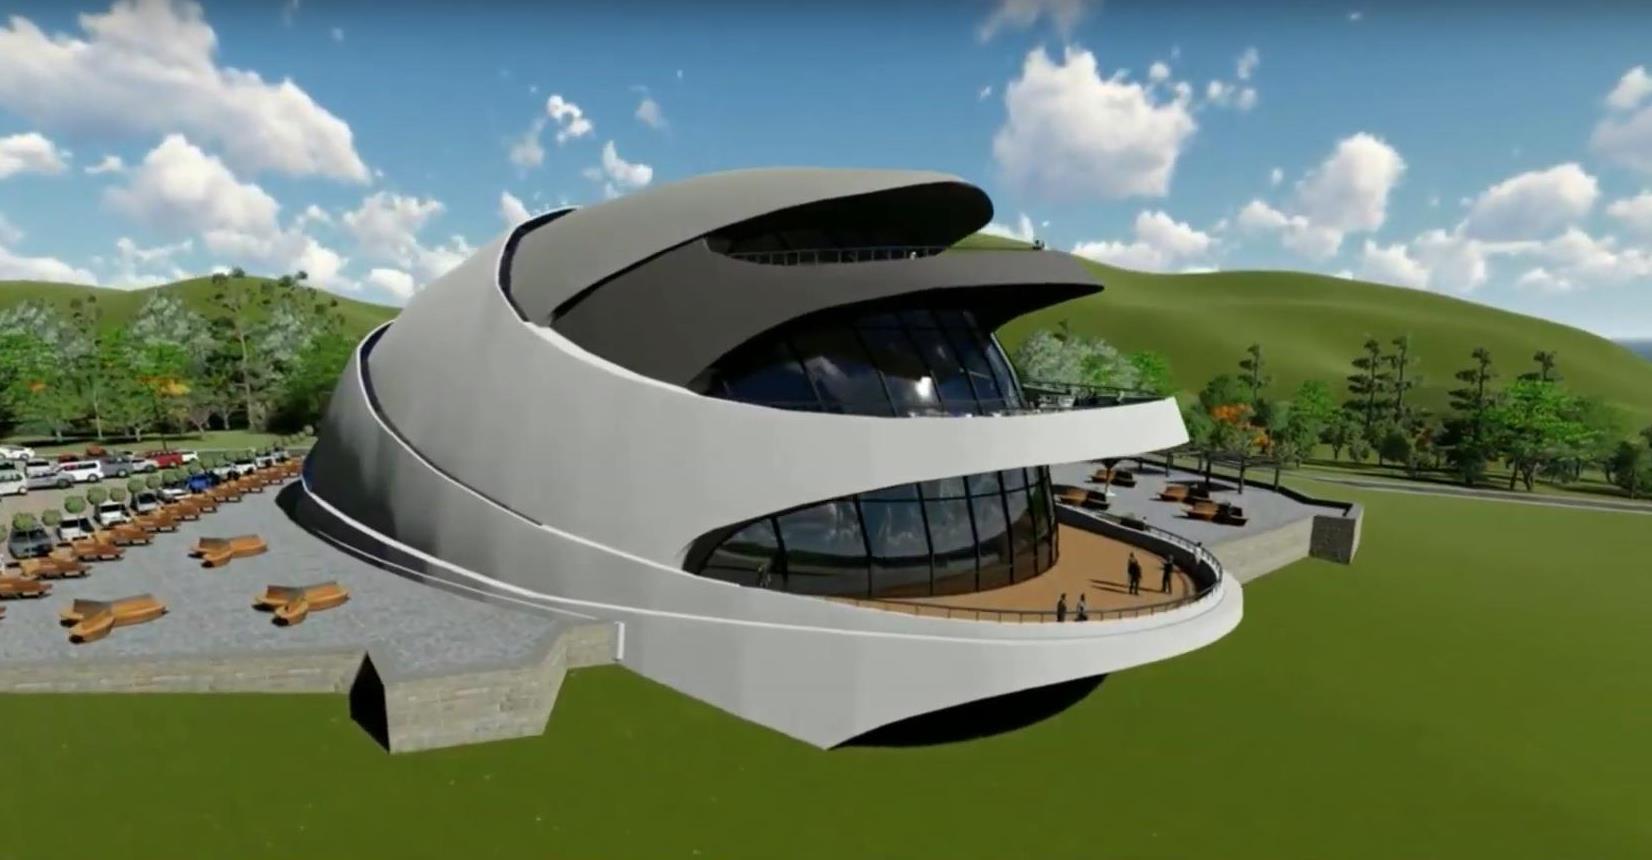 В Новороссийске хотят построить Центр космических исследований: миф или реальность